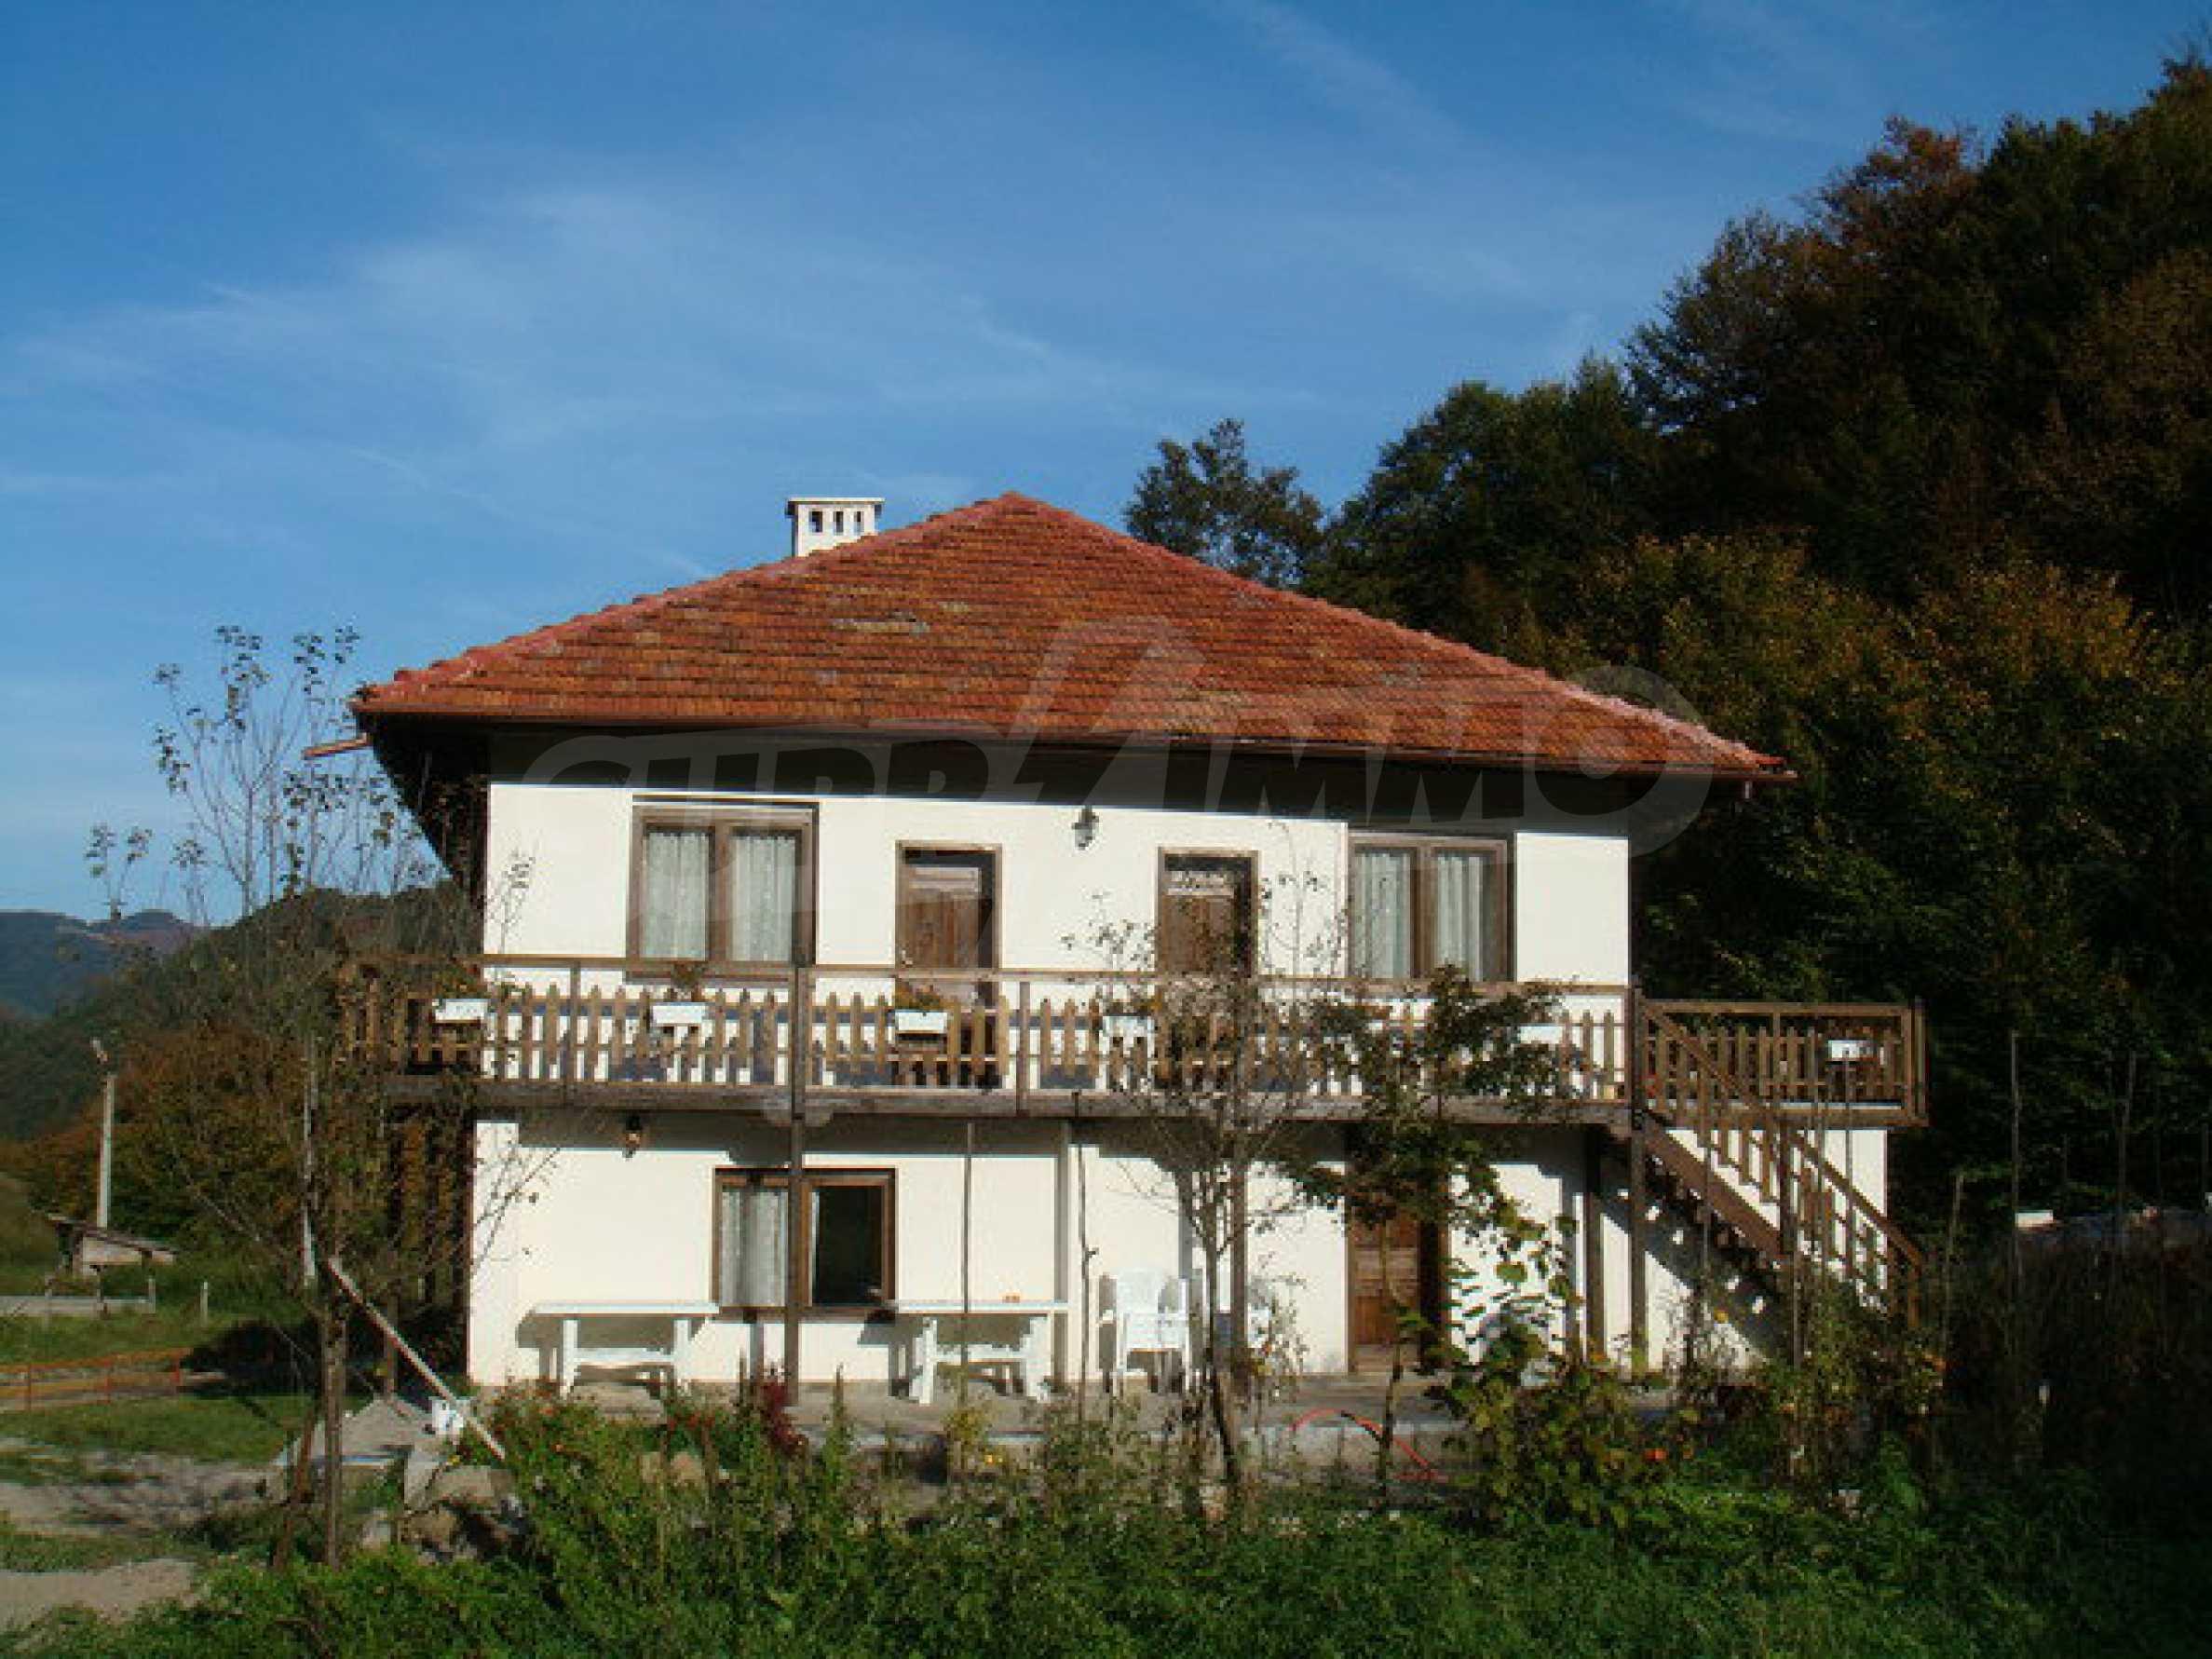 Geräumiges, voll möbliertes und ausgestattetes zweistöckiges Haus in Ribaritsa 9